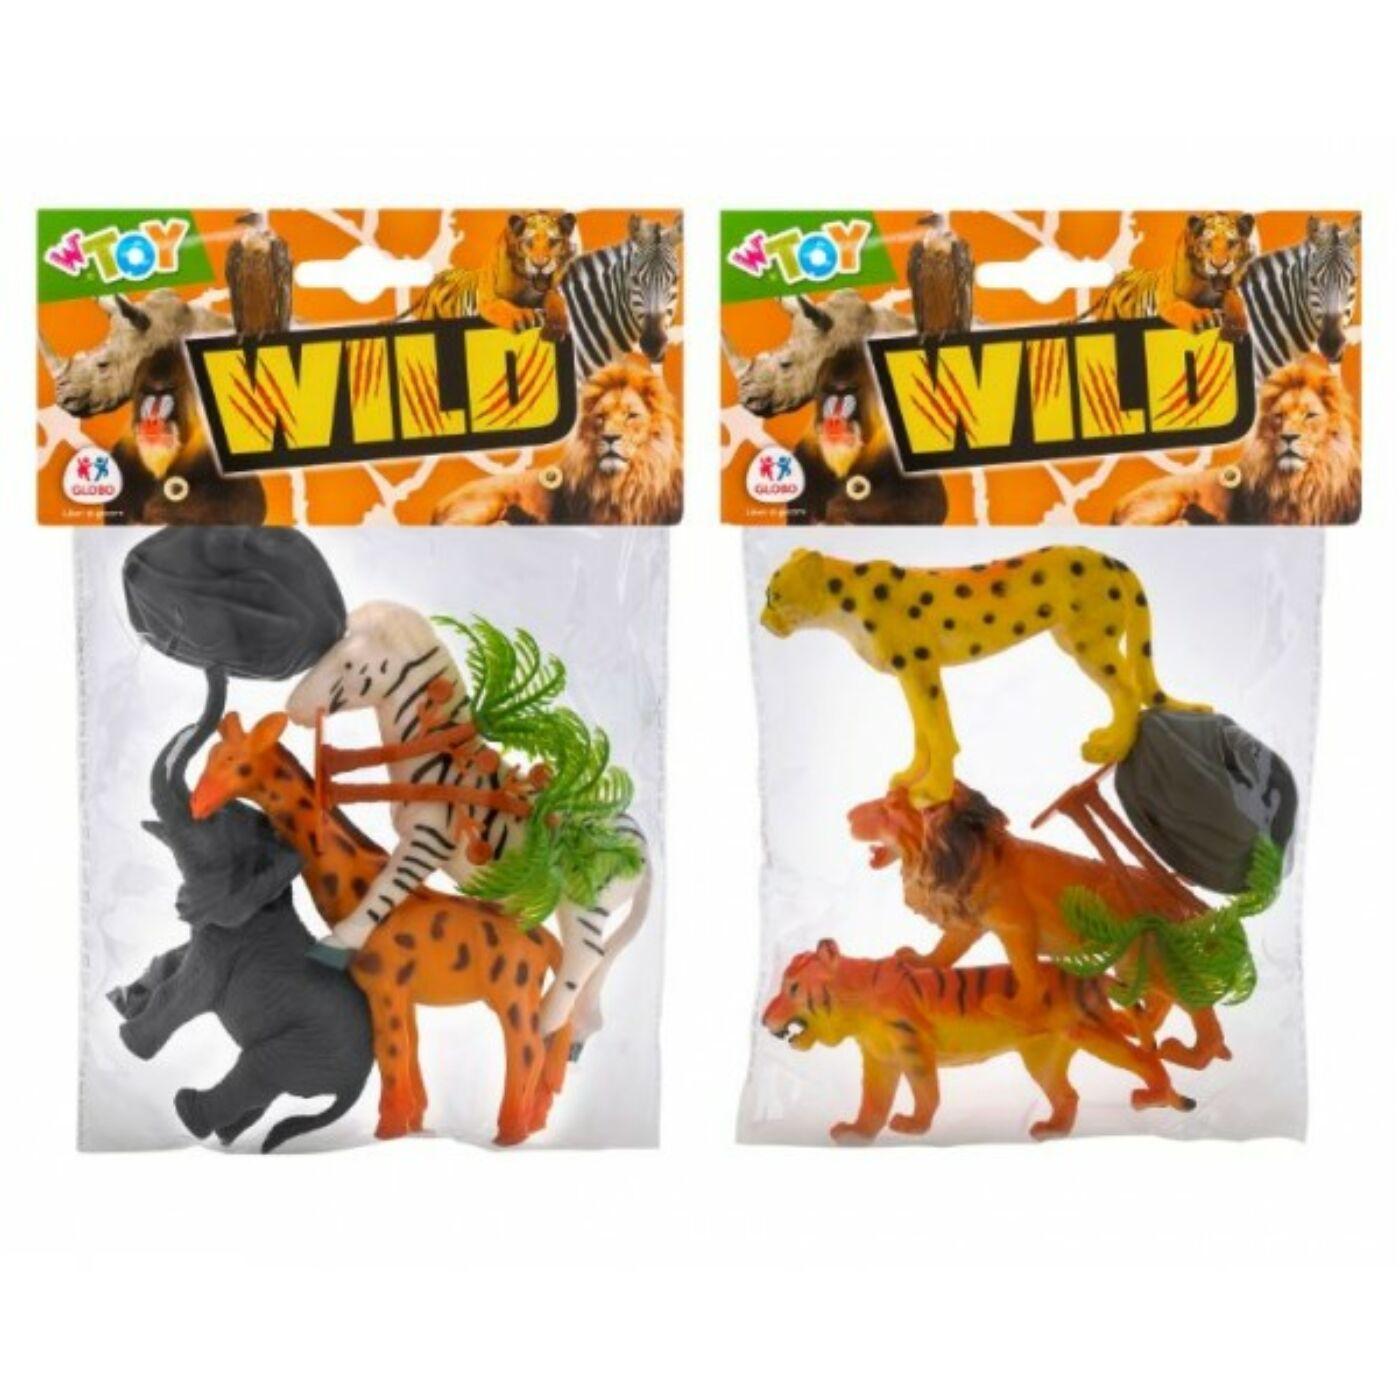 Állatszett - Állatkerti állatok